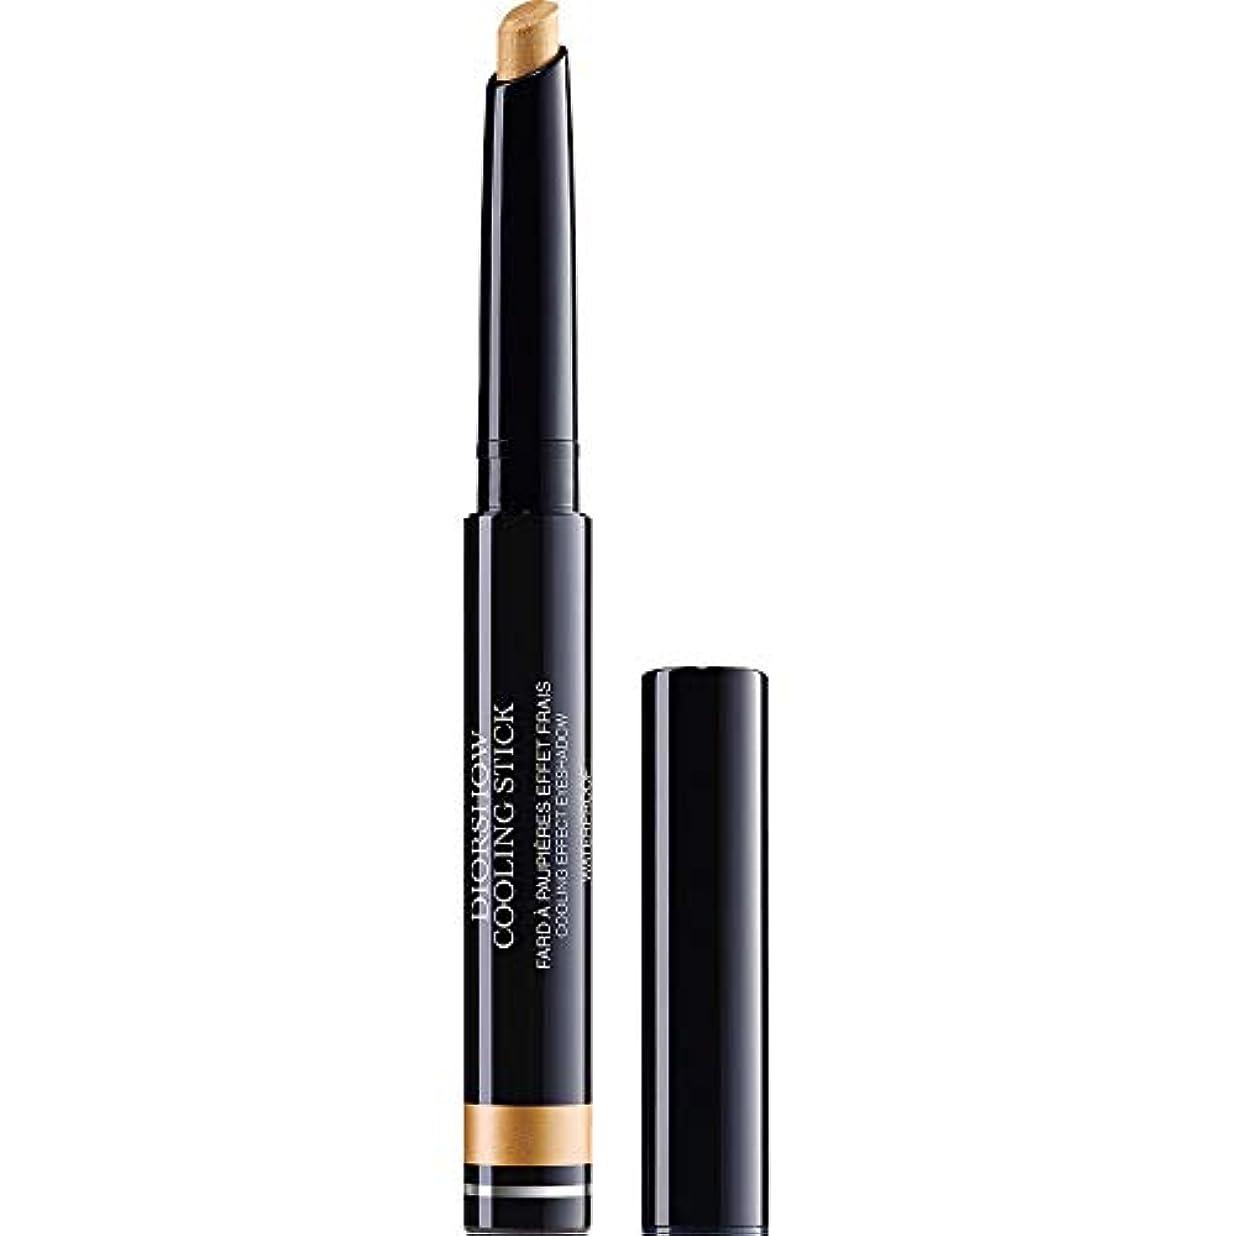 北ペチュランス高速道路[Dior ] ディオールDiorshow冷却スティックアイシャドウ1.6グラム002 - 金スプラッシュ - DIOR Diorshow Cooling Stick Eyeshadow 1.6g 002 - Gold...